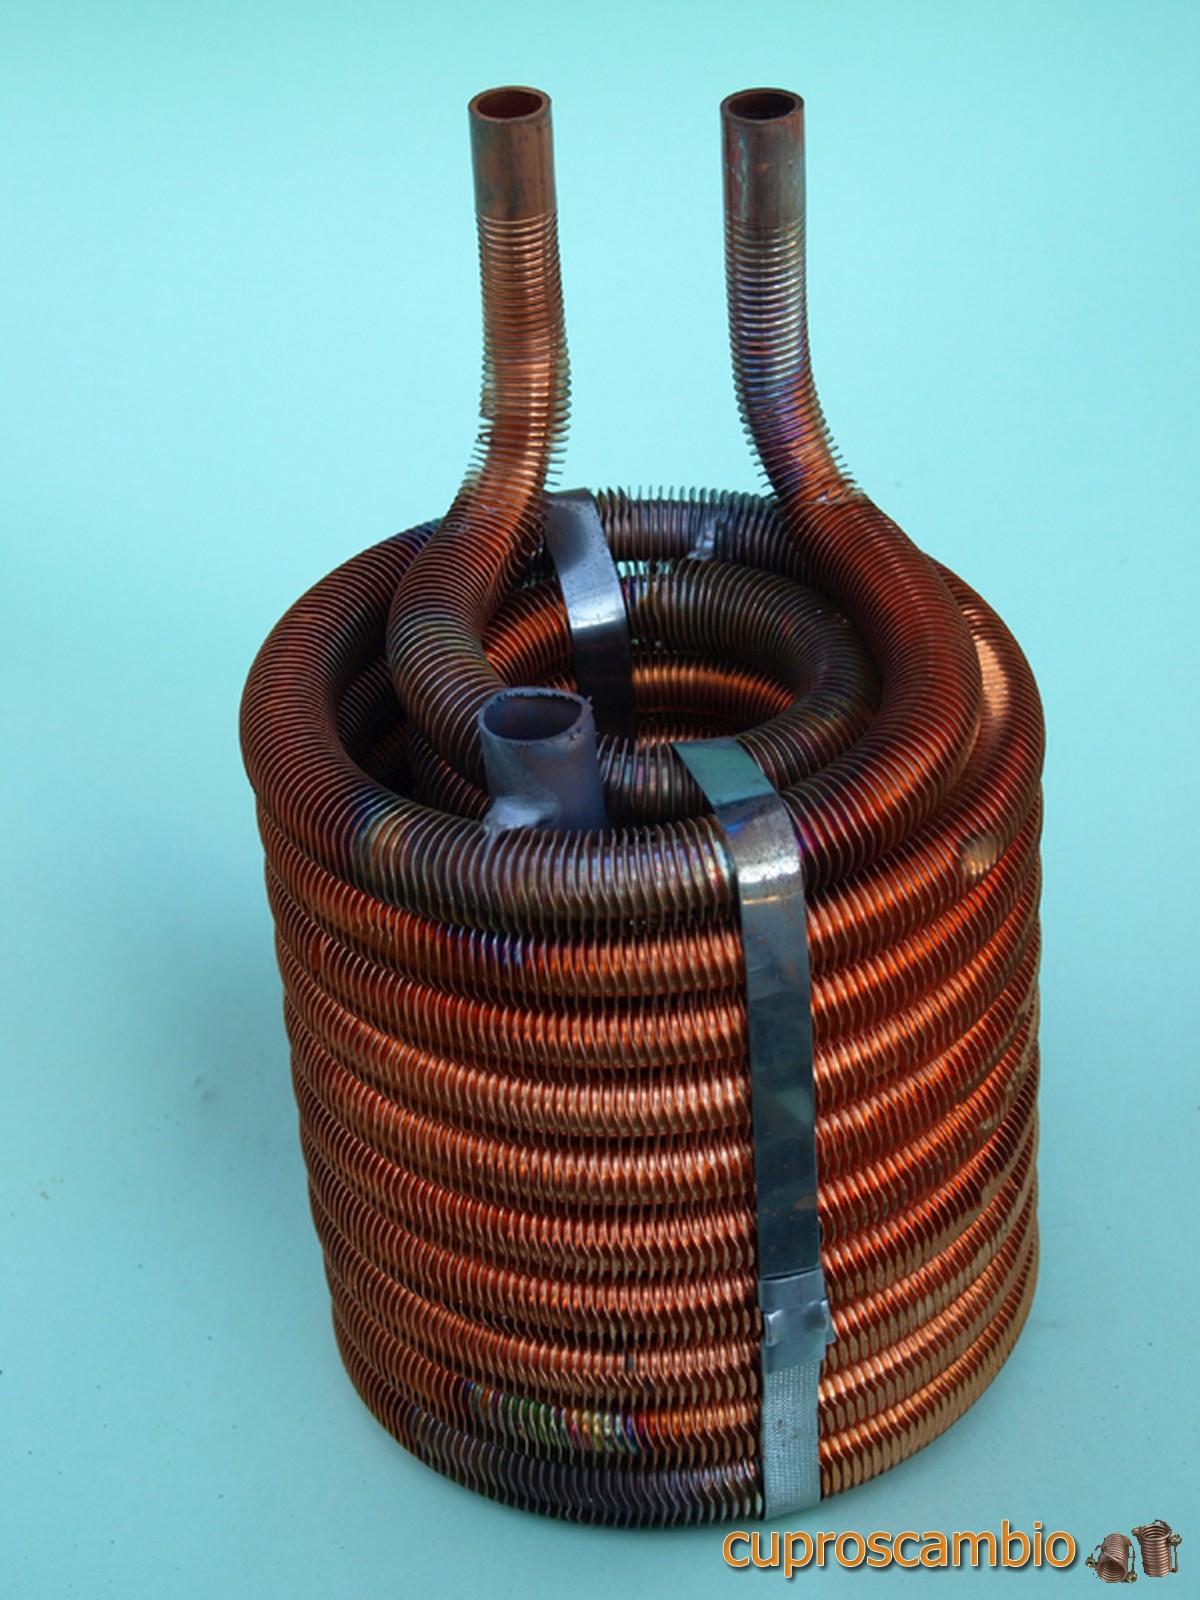 Serpentine di rame alettato per la condensazione dei vapori